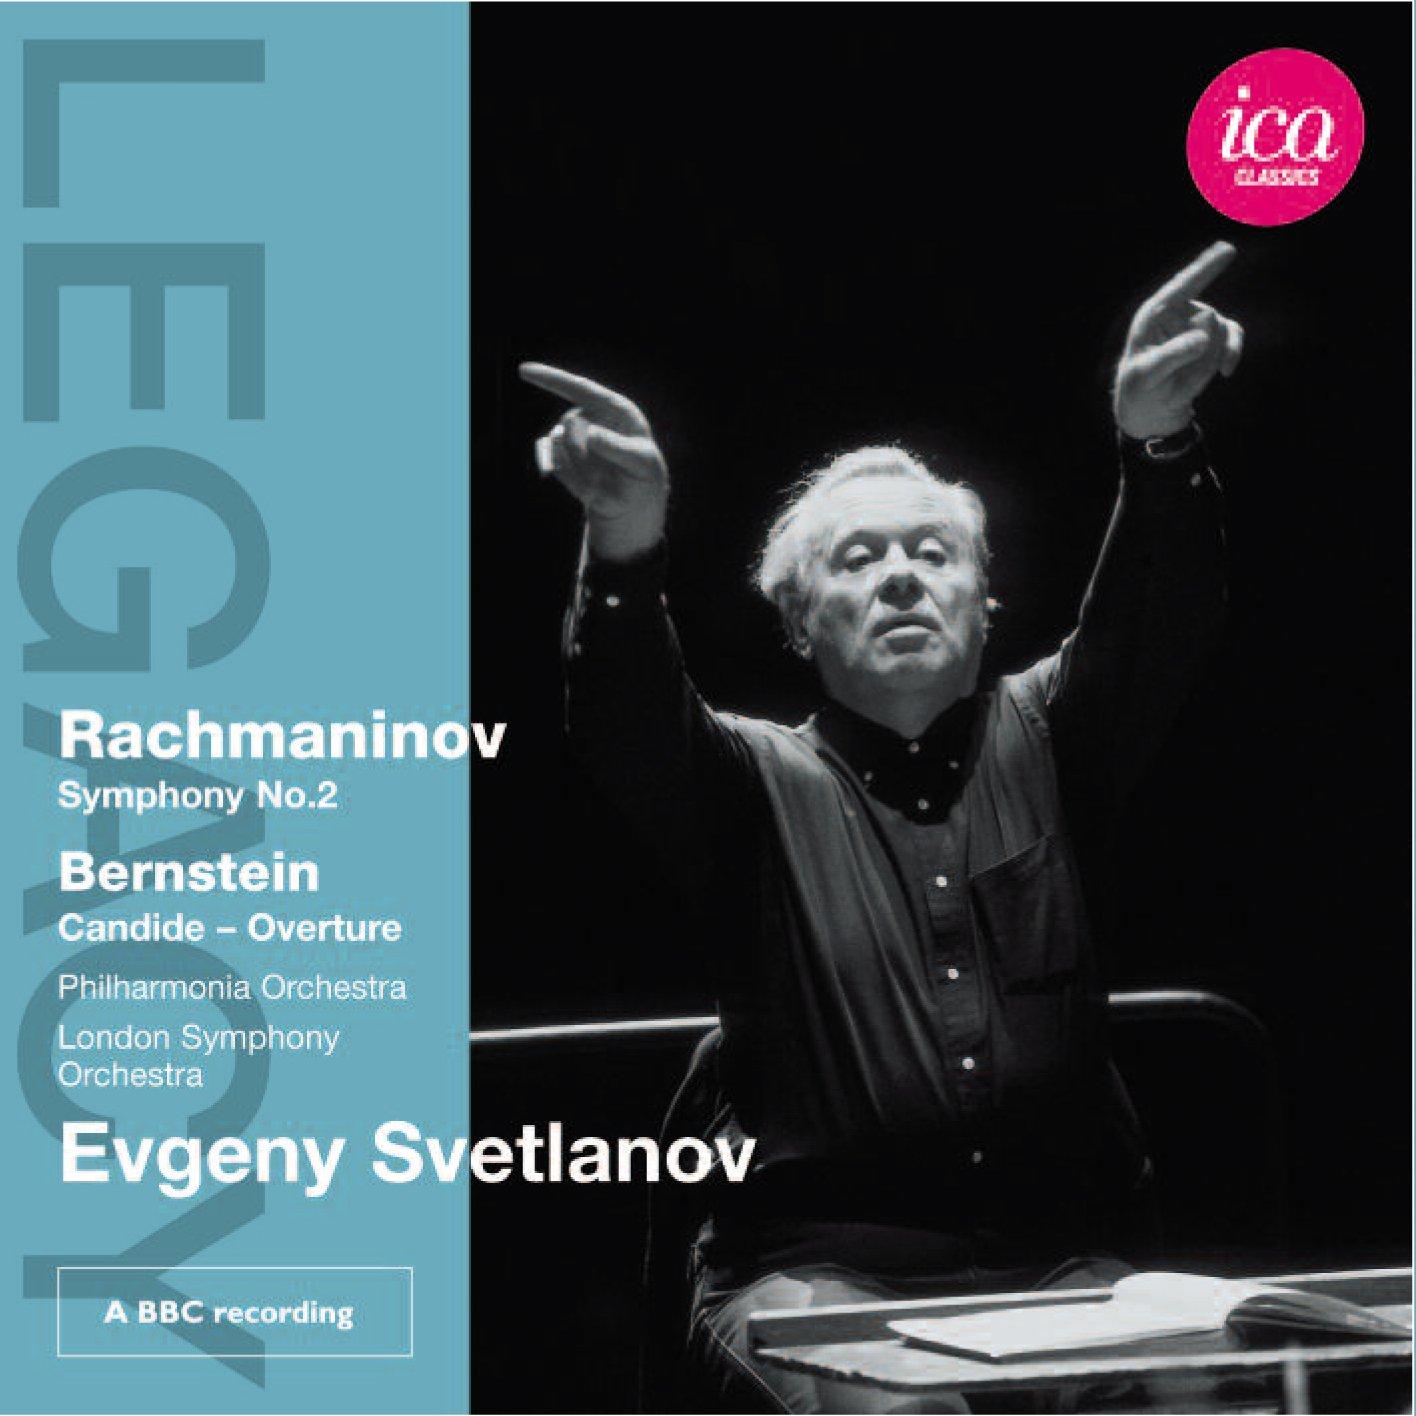 エフゲニー・スヴェトラーノフ